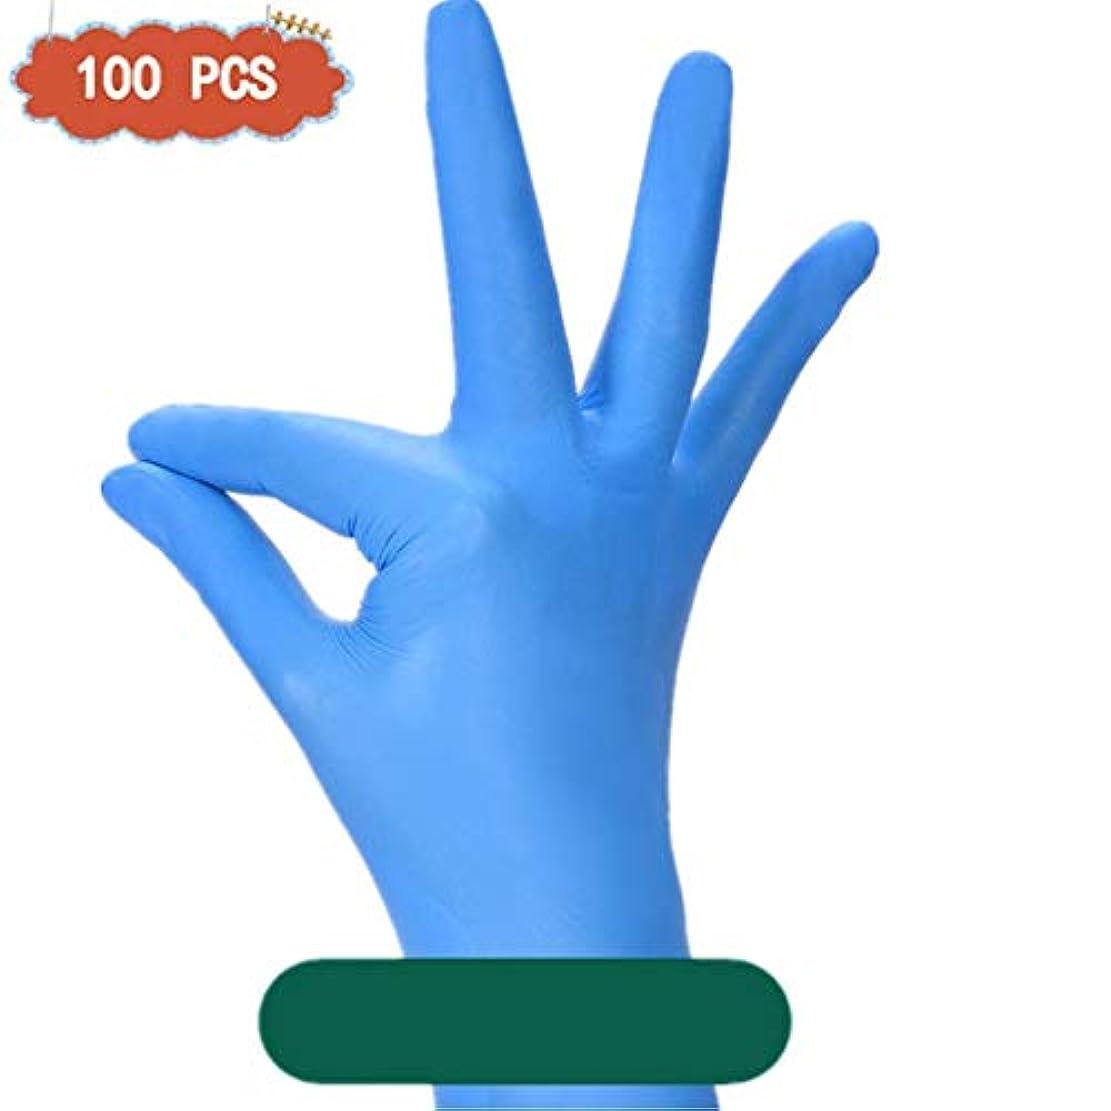 ましい官僚メイエラニトリル手袋、12インチの食器洗い用滑り止め防水ゴムと長い厚い使い捨て手袋ペットケアネイルアート検査保護実験、美容院ラテックスフリー、100個 (Size : L)